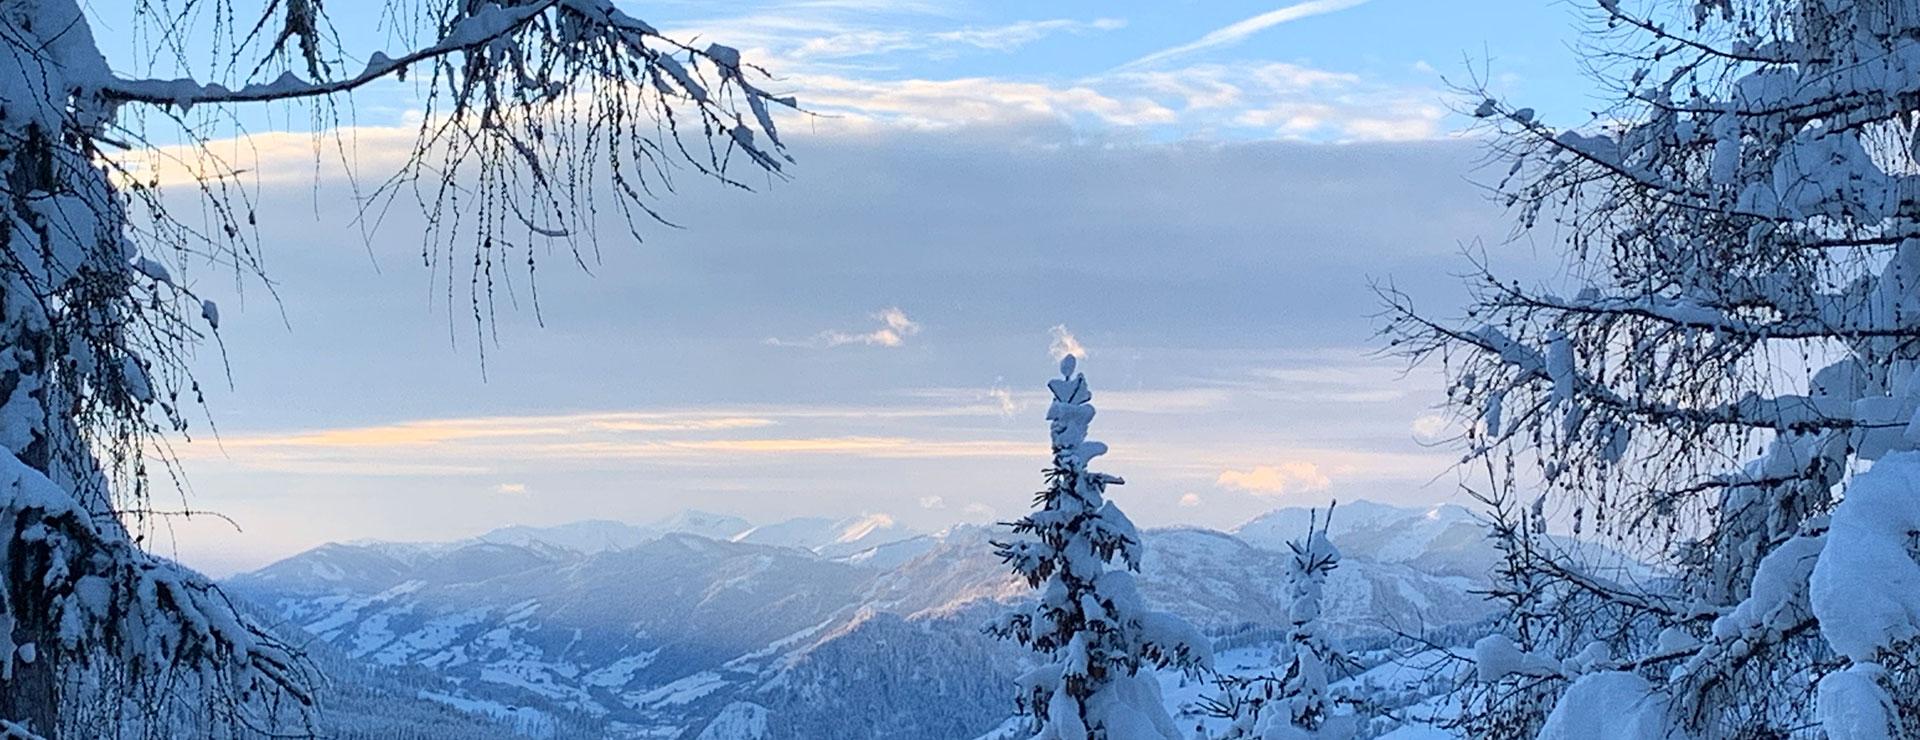 Lage & Anfahrt -Design Ferienhaus XXL-Chalet Ski-In/Out Wagrain